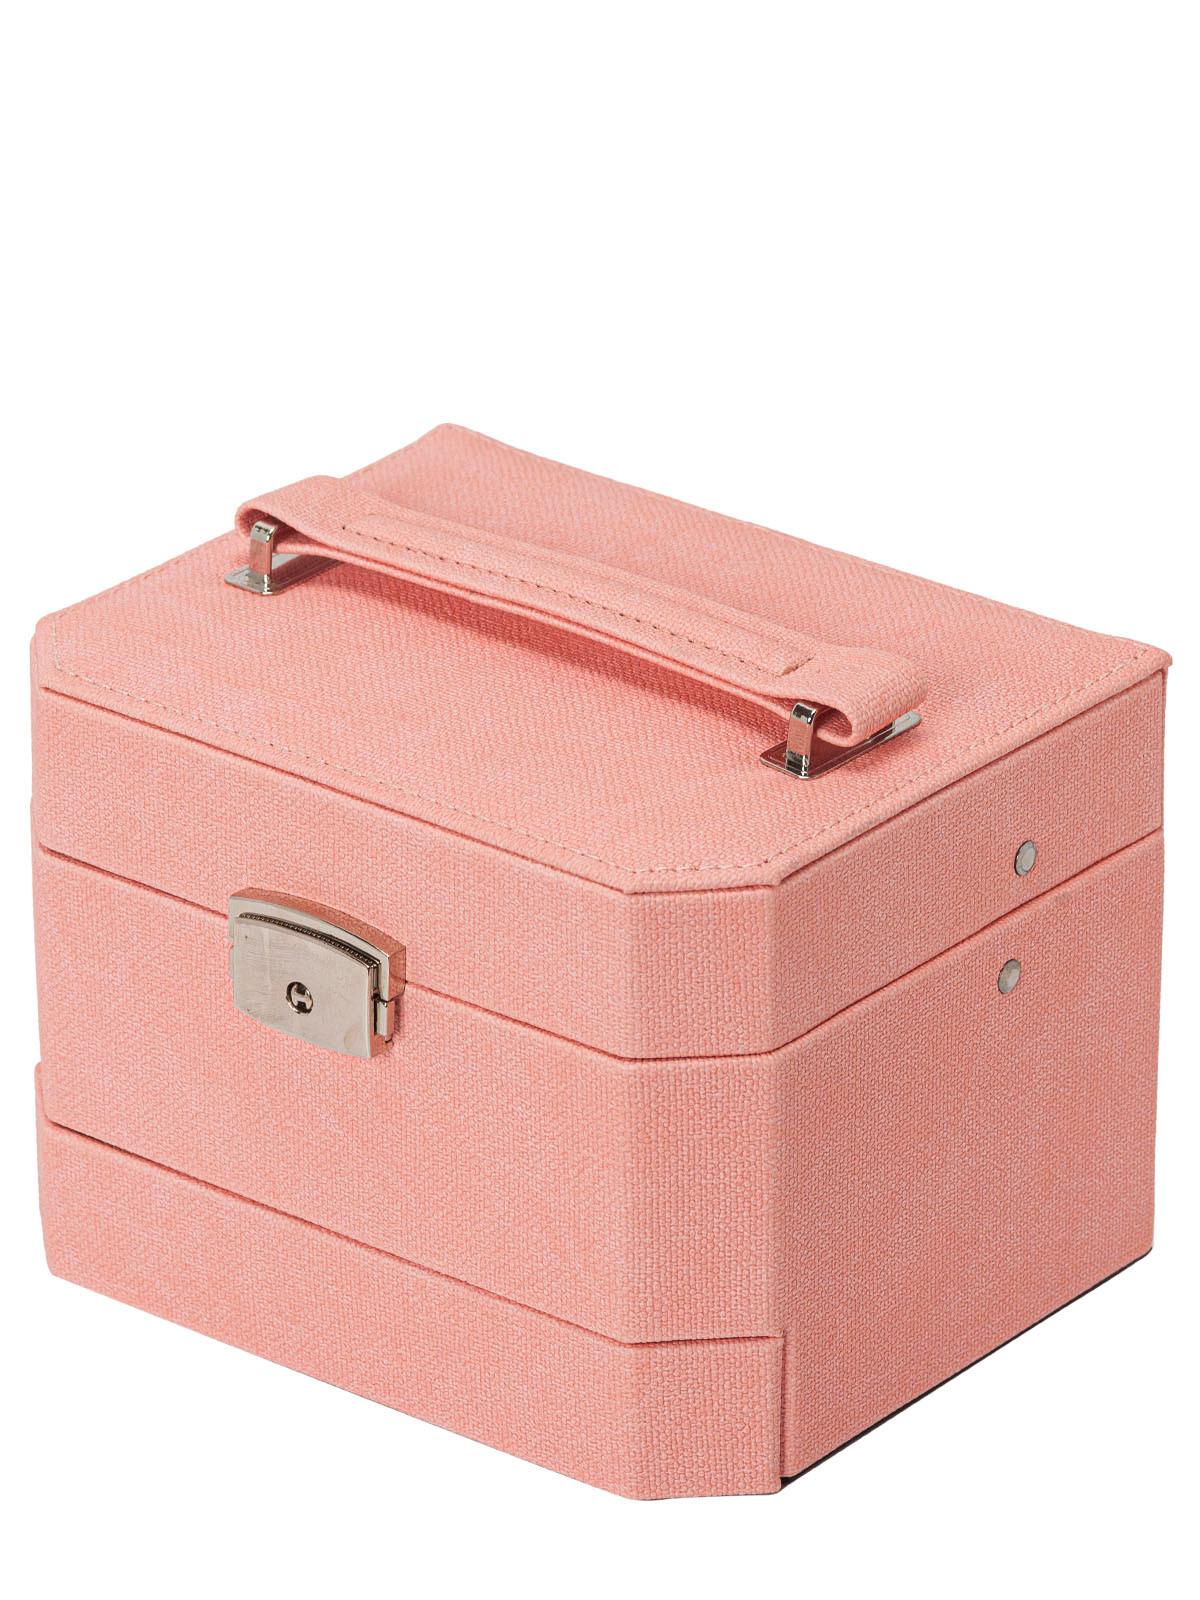 Шкатулка для украшений S-502D2-7WP светло-розовый